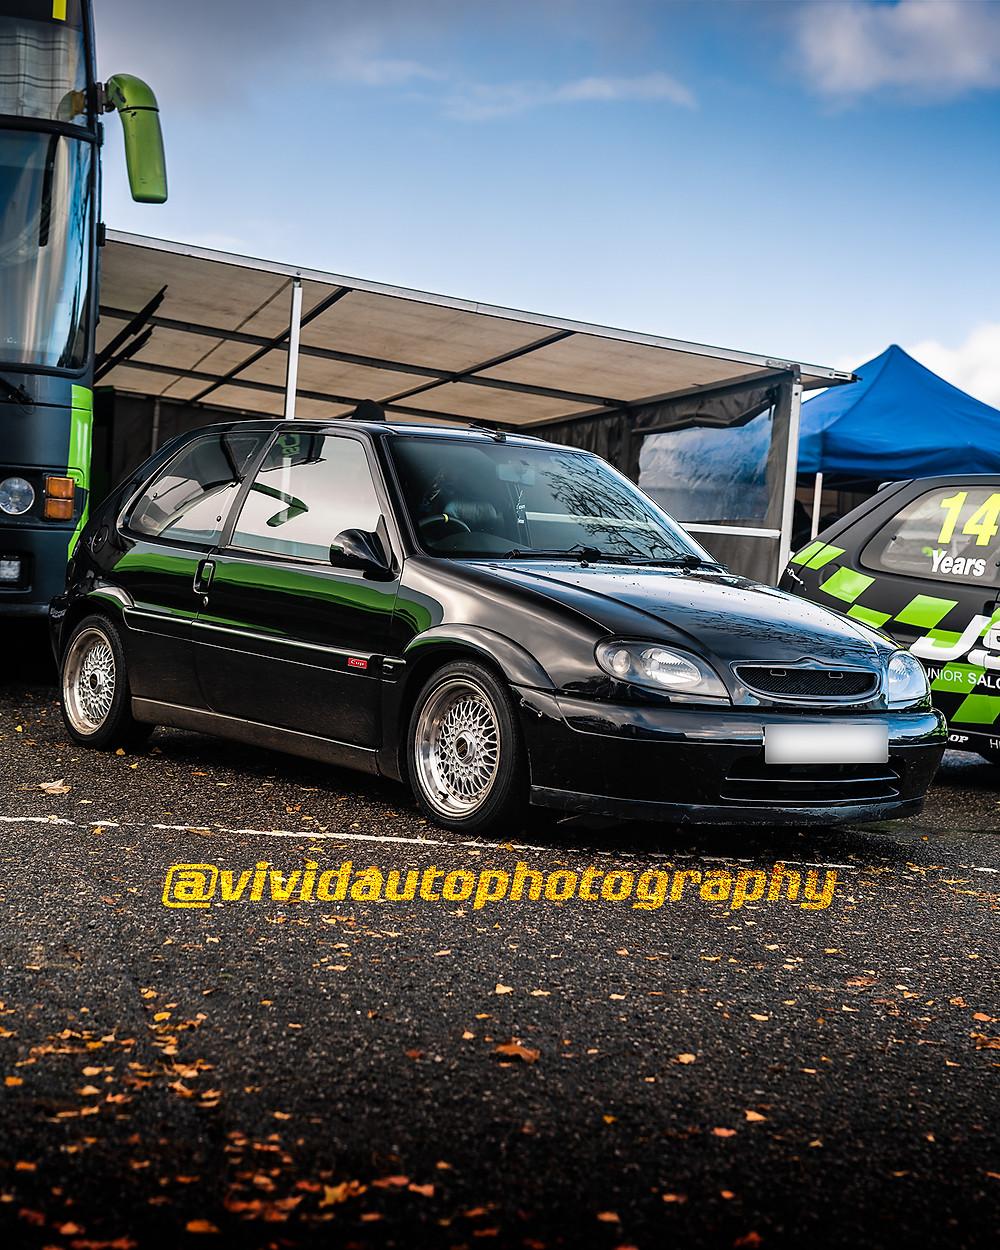 Citroen Saxo Cup | Oulton Park